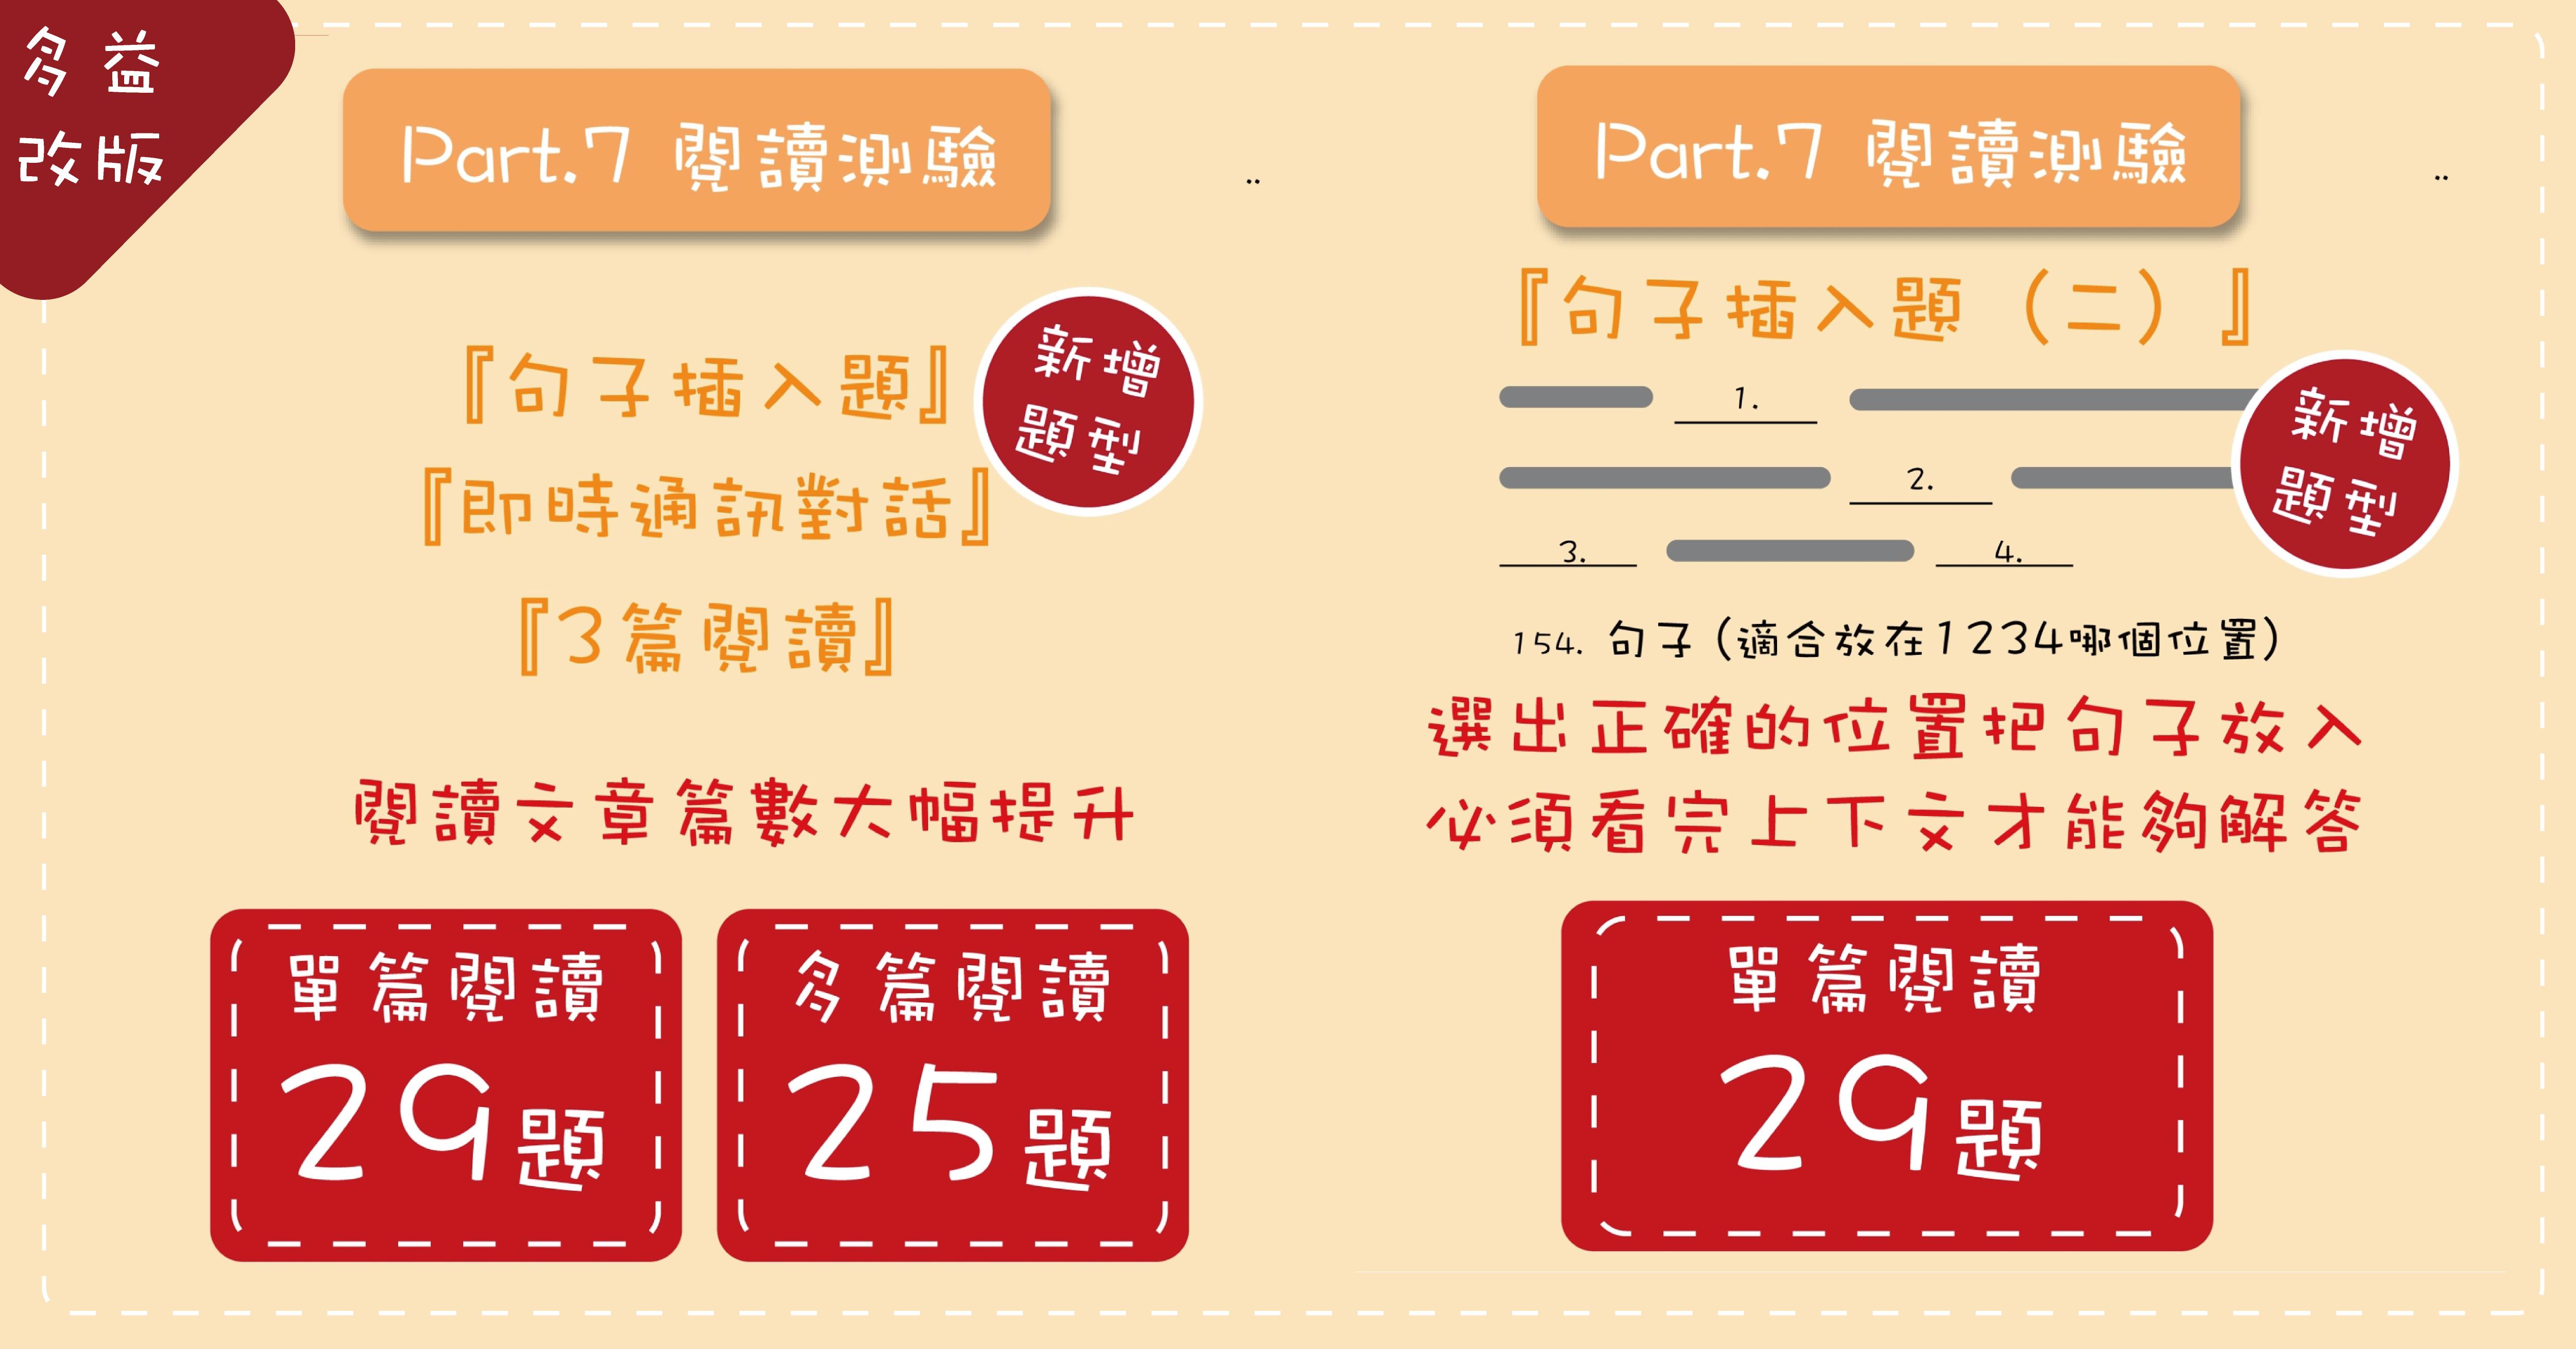 新版多益閱讀測驗part7單篇閱讀句子插入題